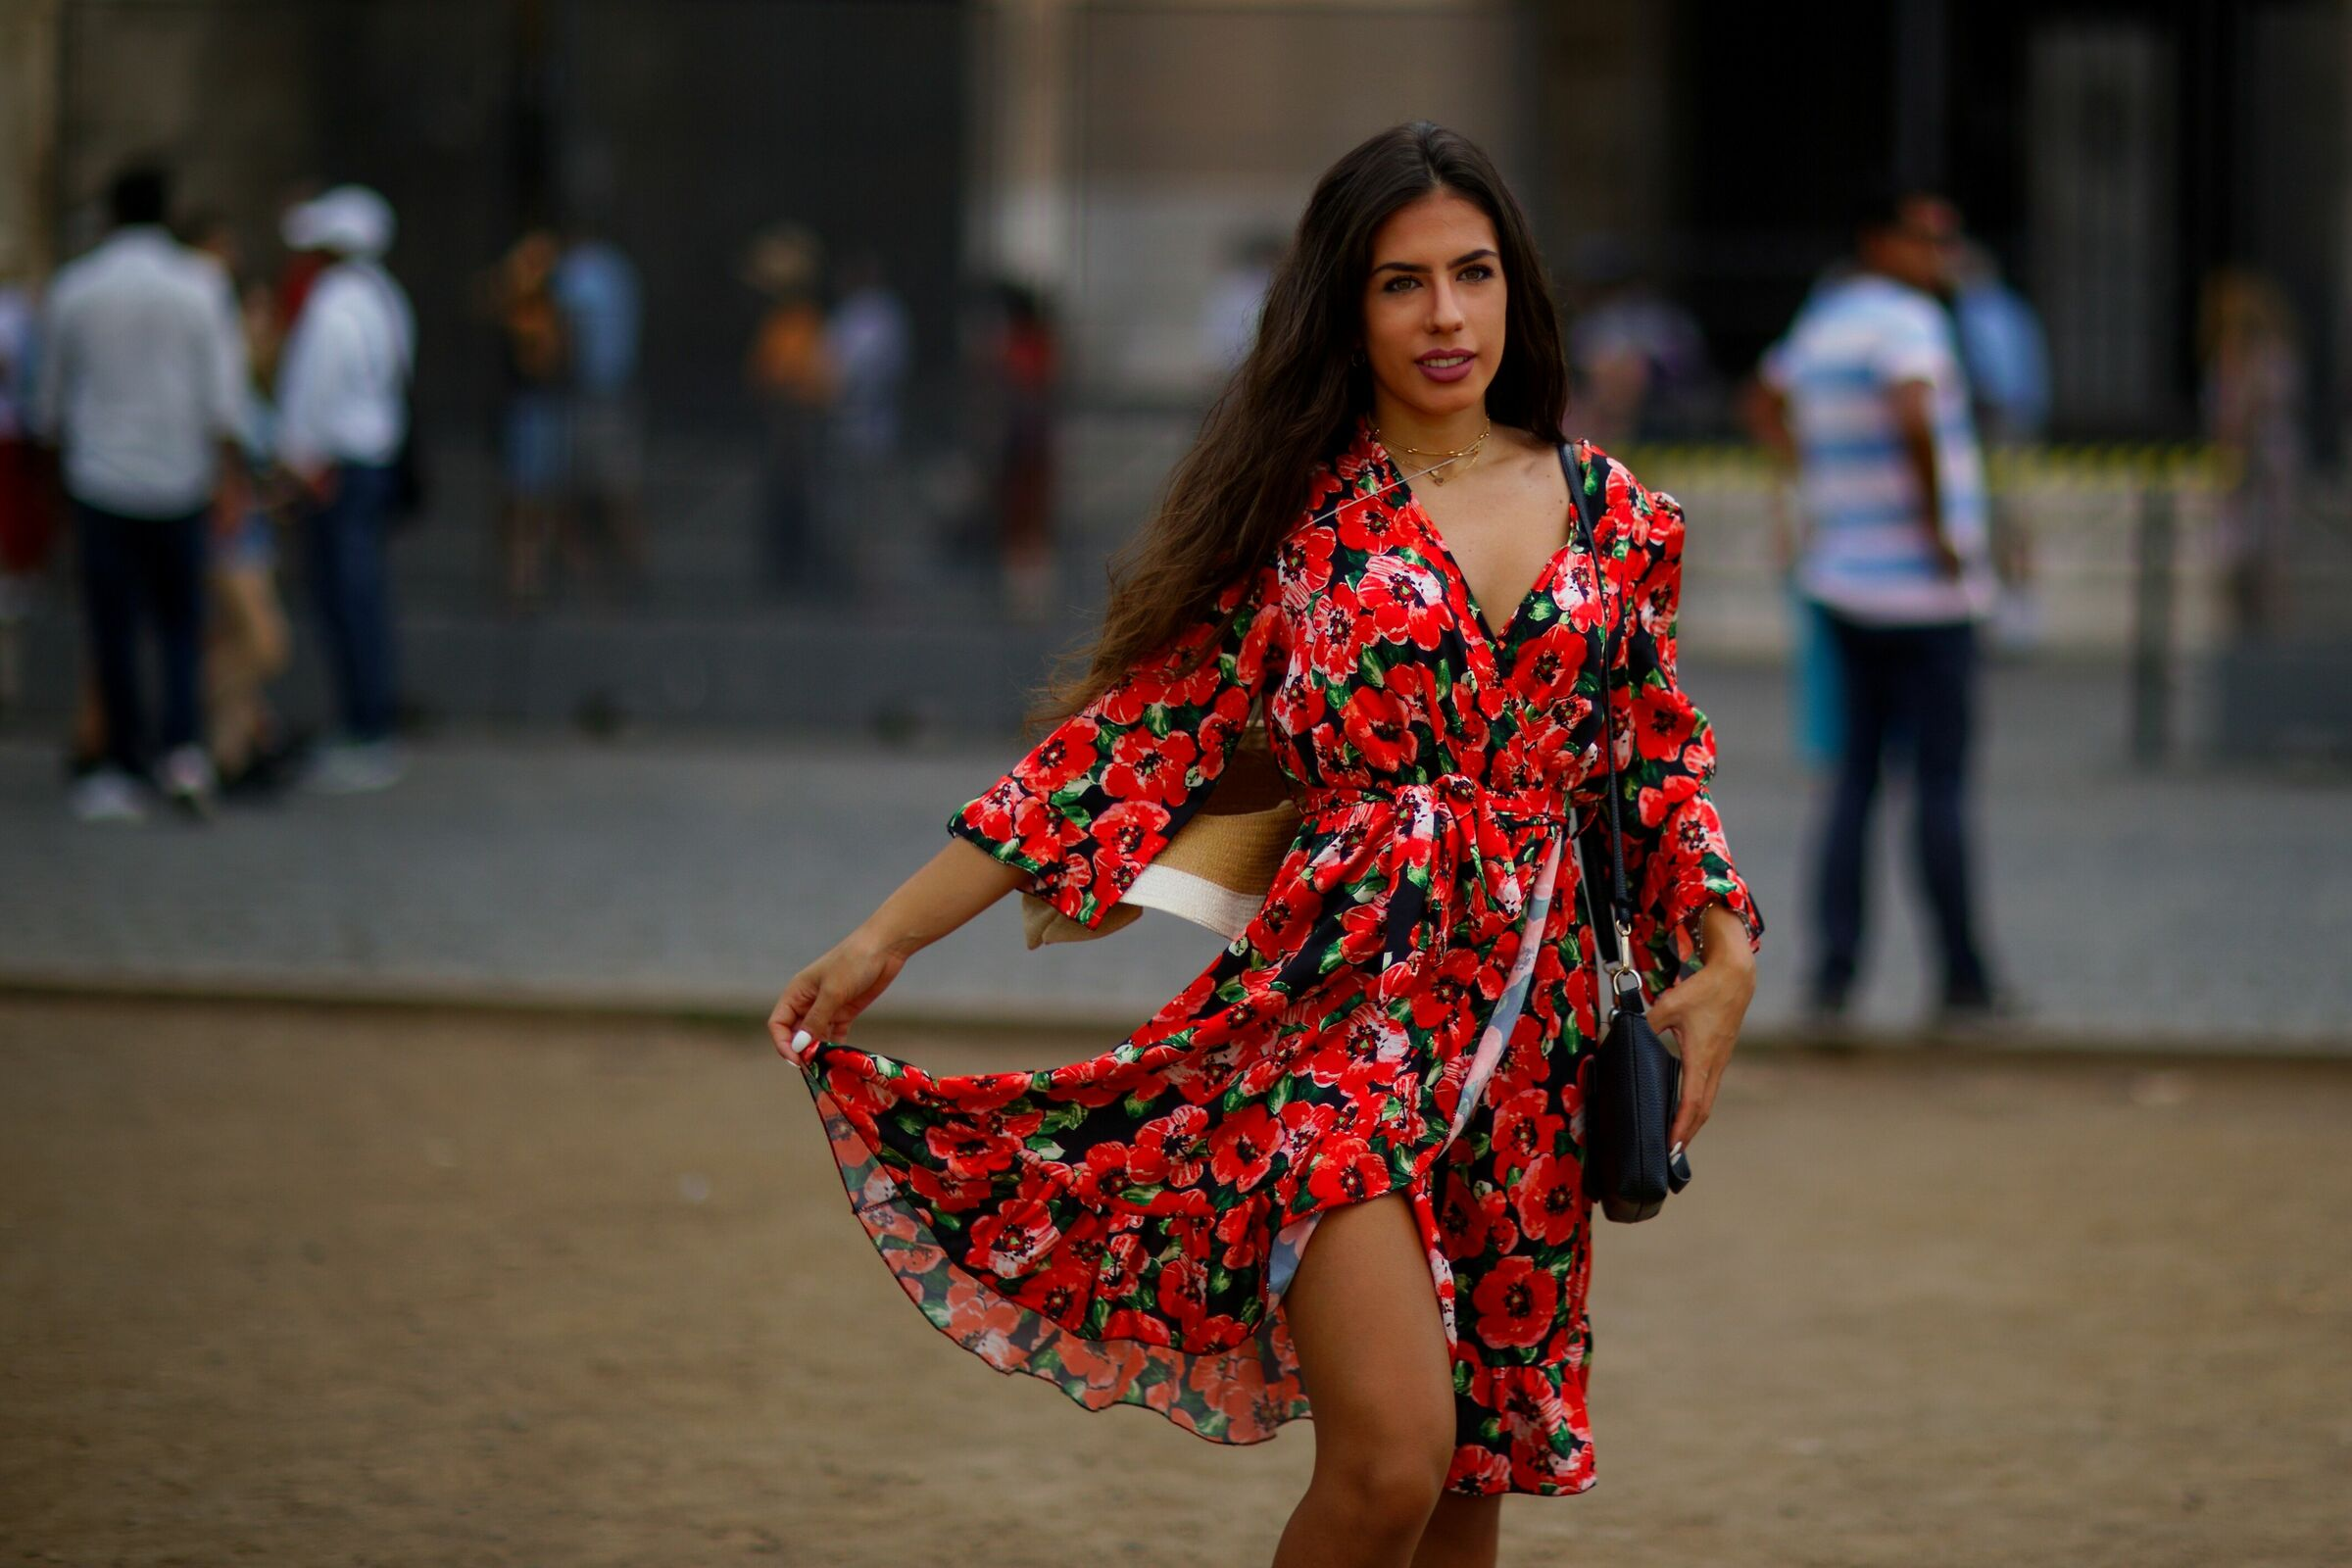 un bel vestito con i fiori rossi...